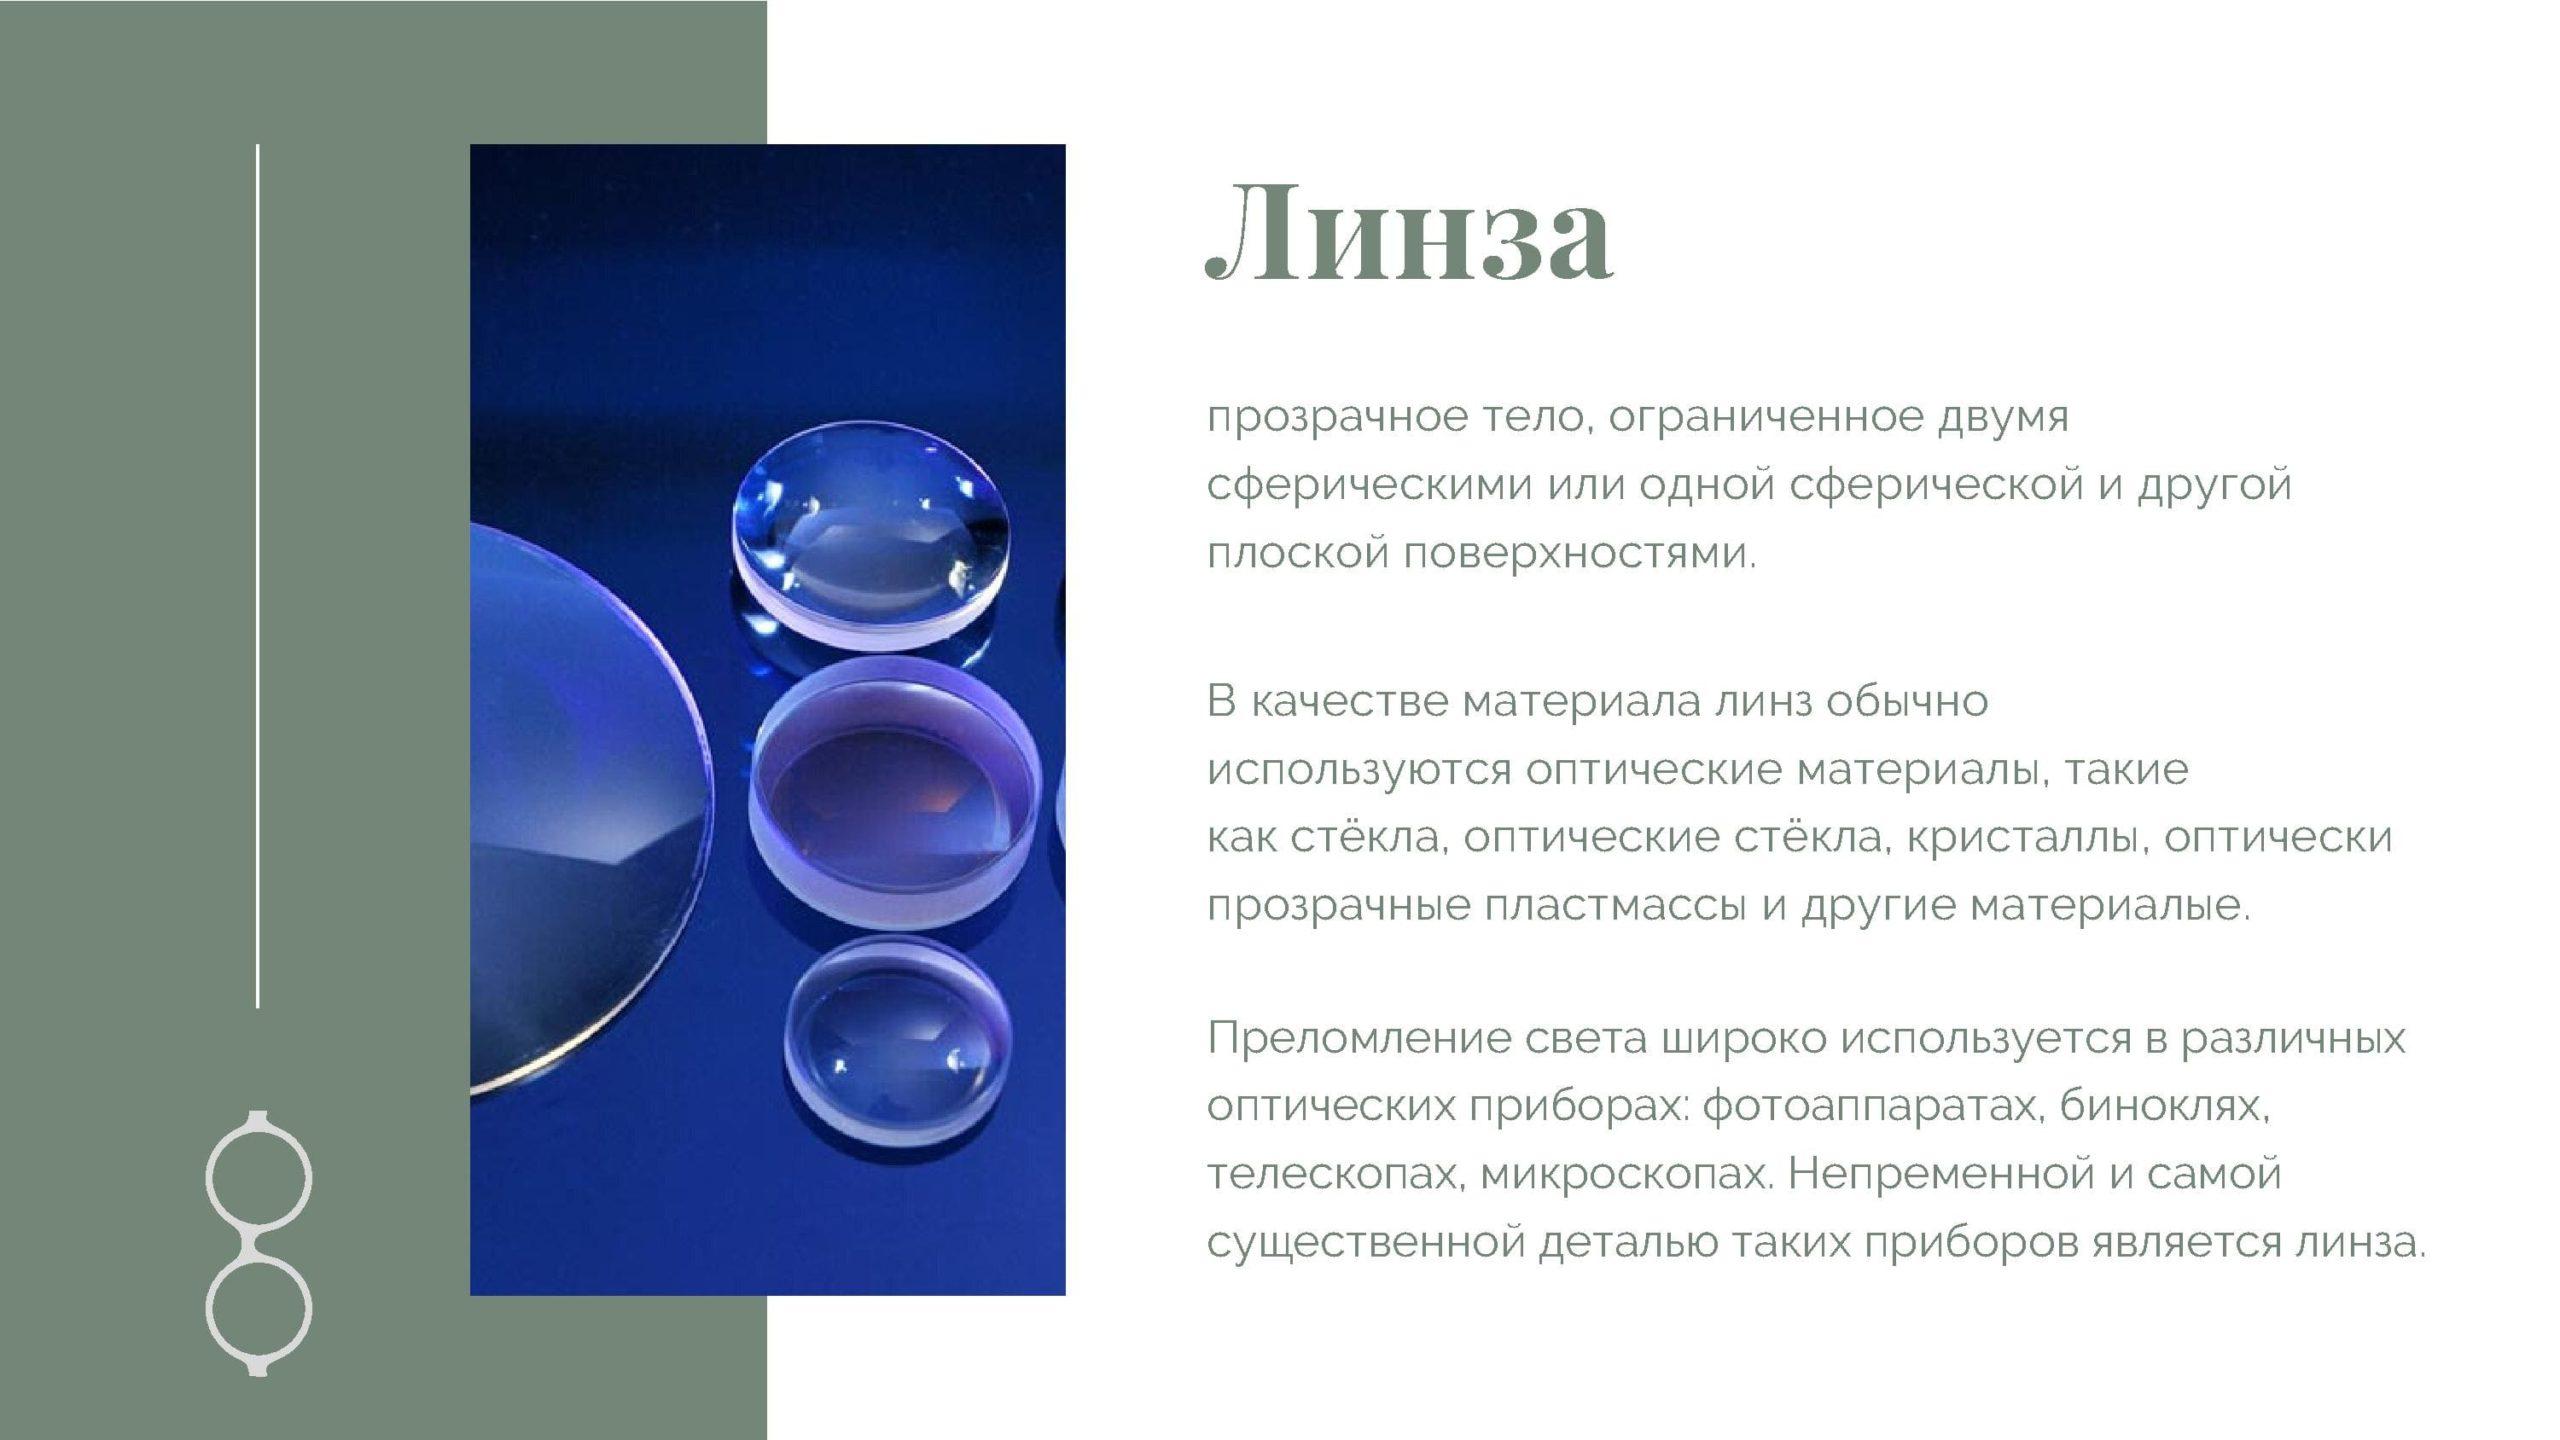 Линза - прозрачное тело, ограниченное двумя сферическими